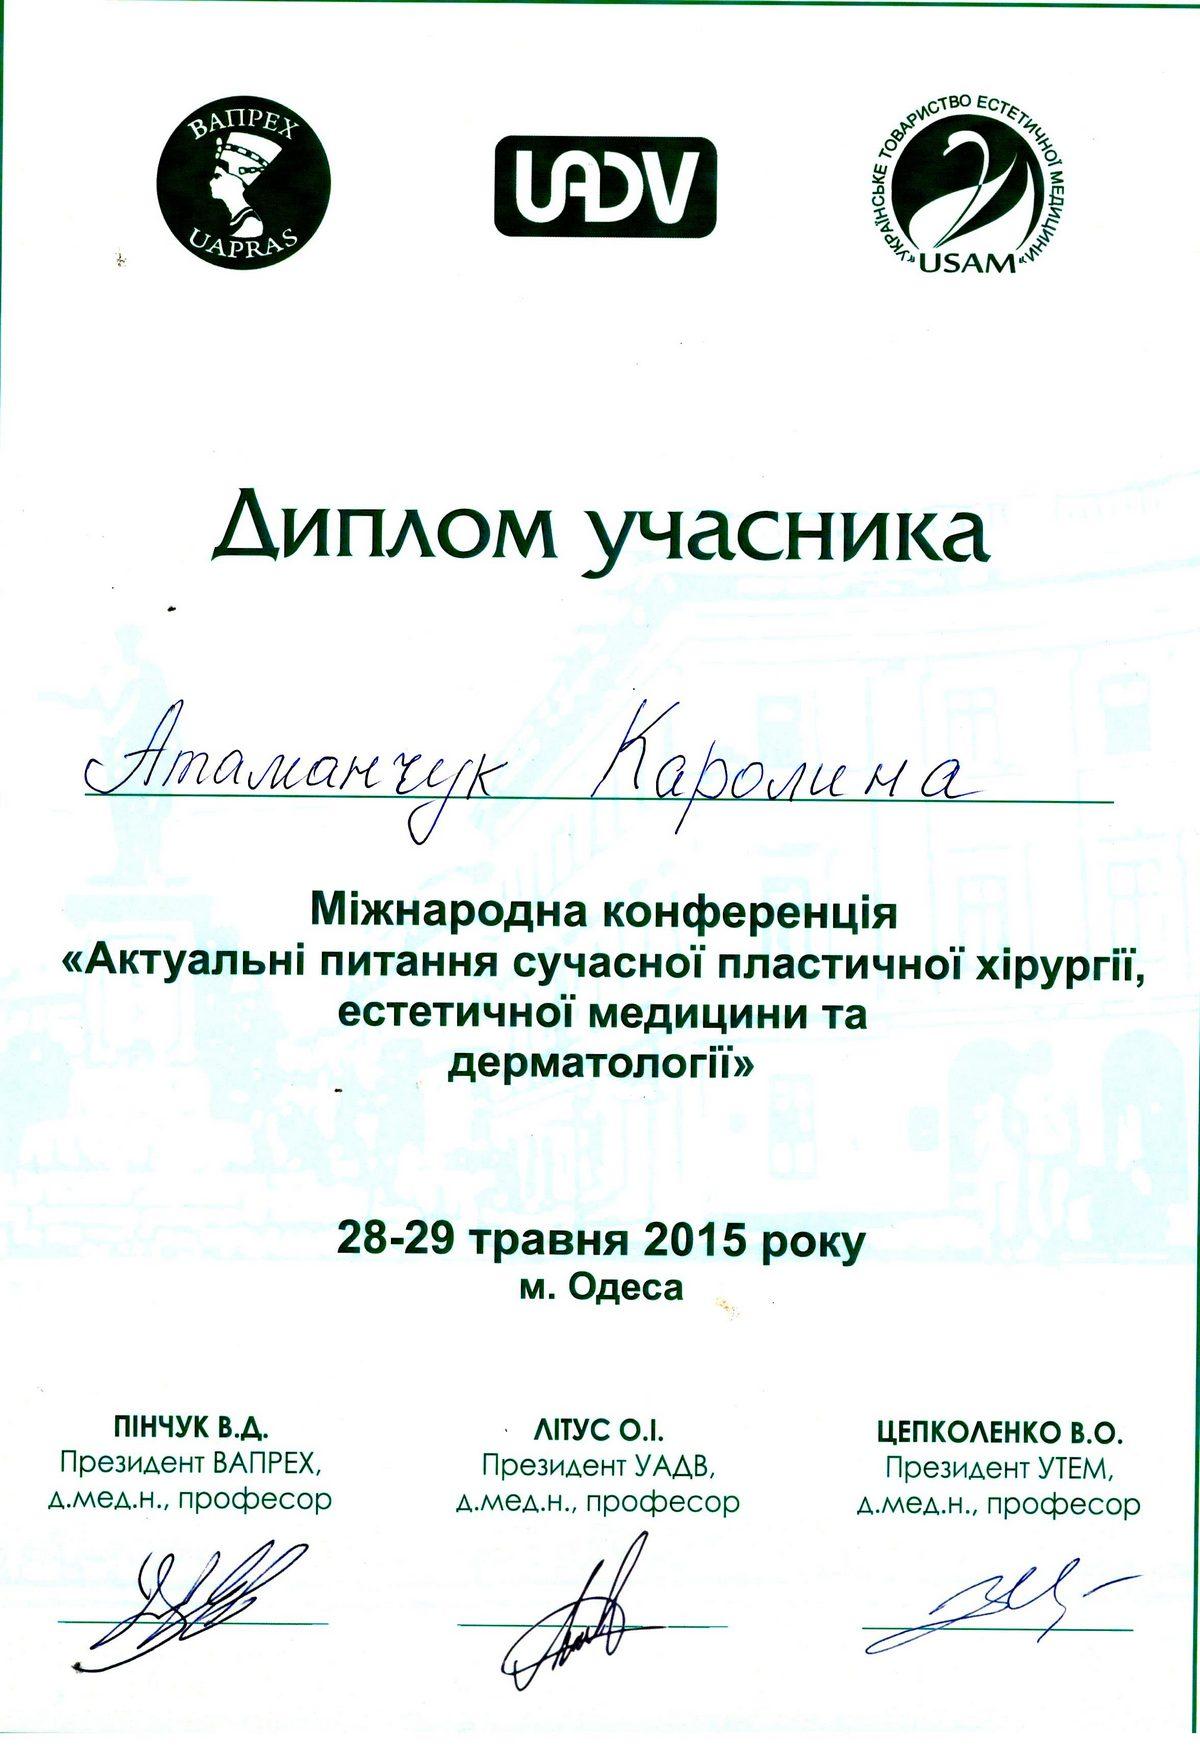 Документ №:12 Диплом врача-дерматолога, косметолога Атаманчук Каролины Васильевны